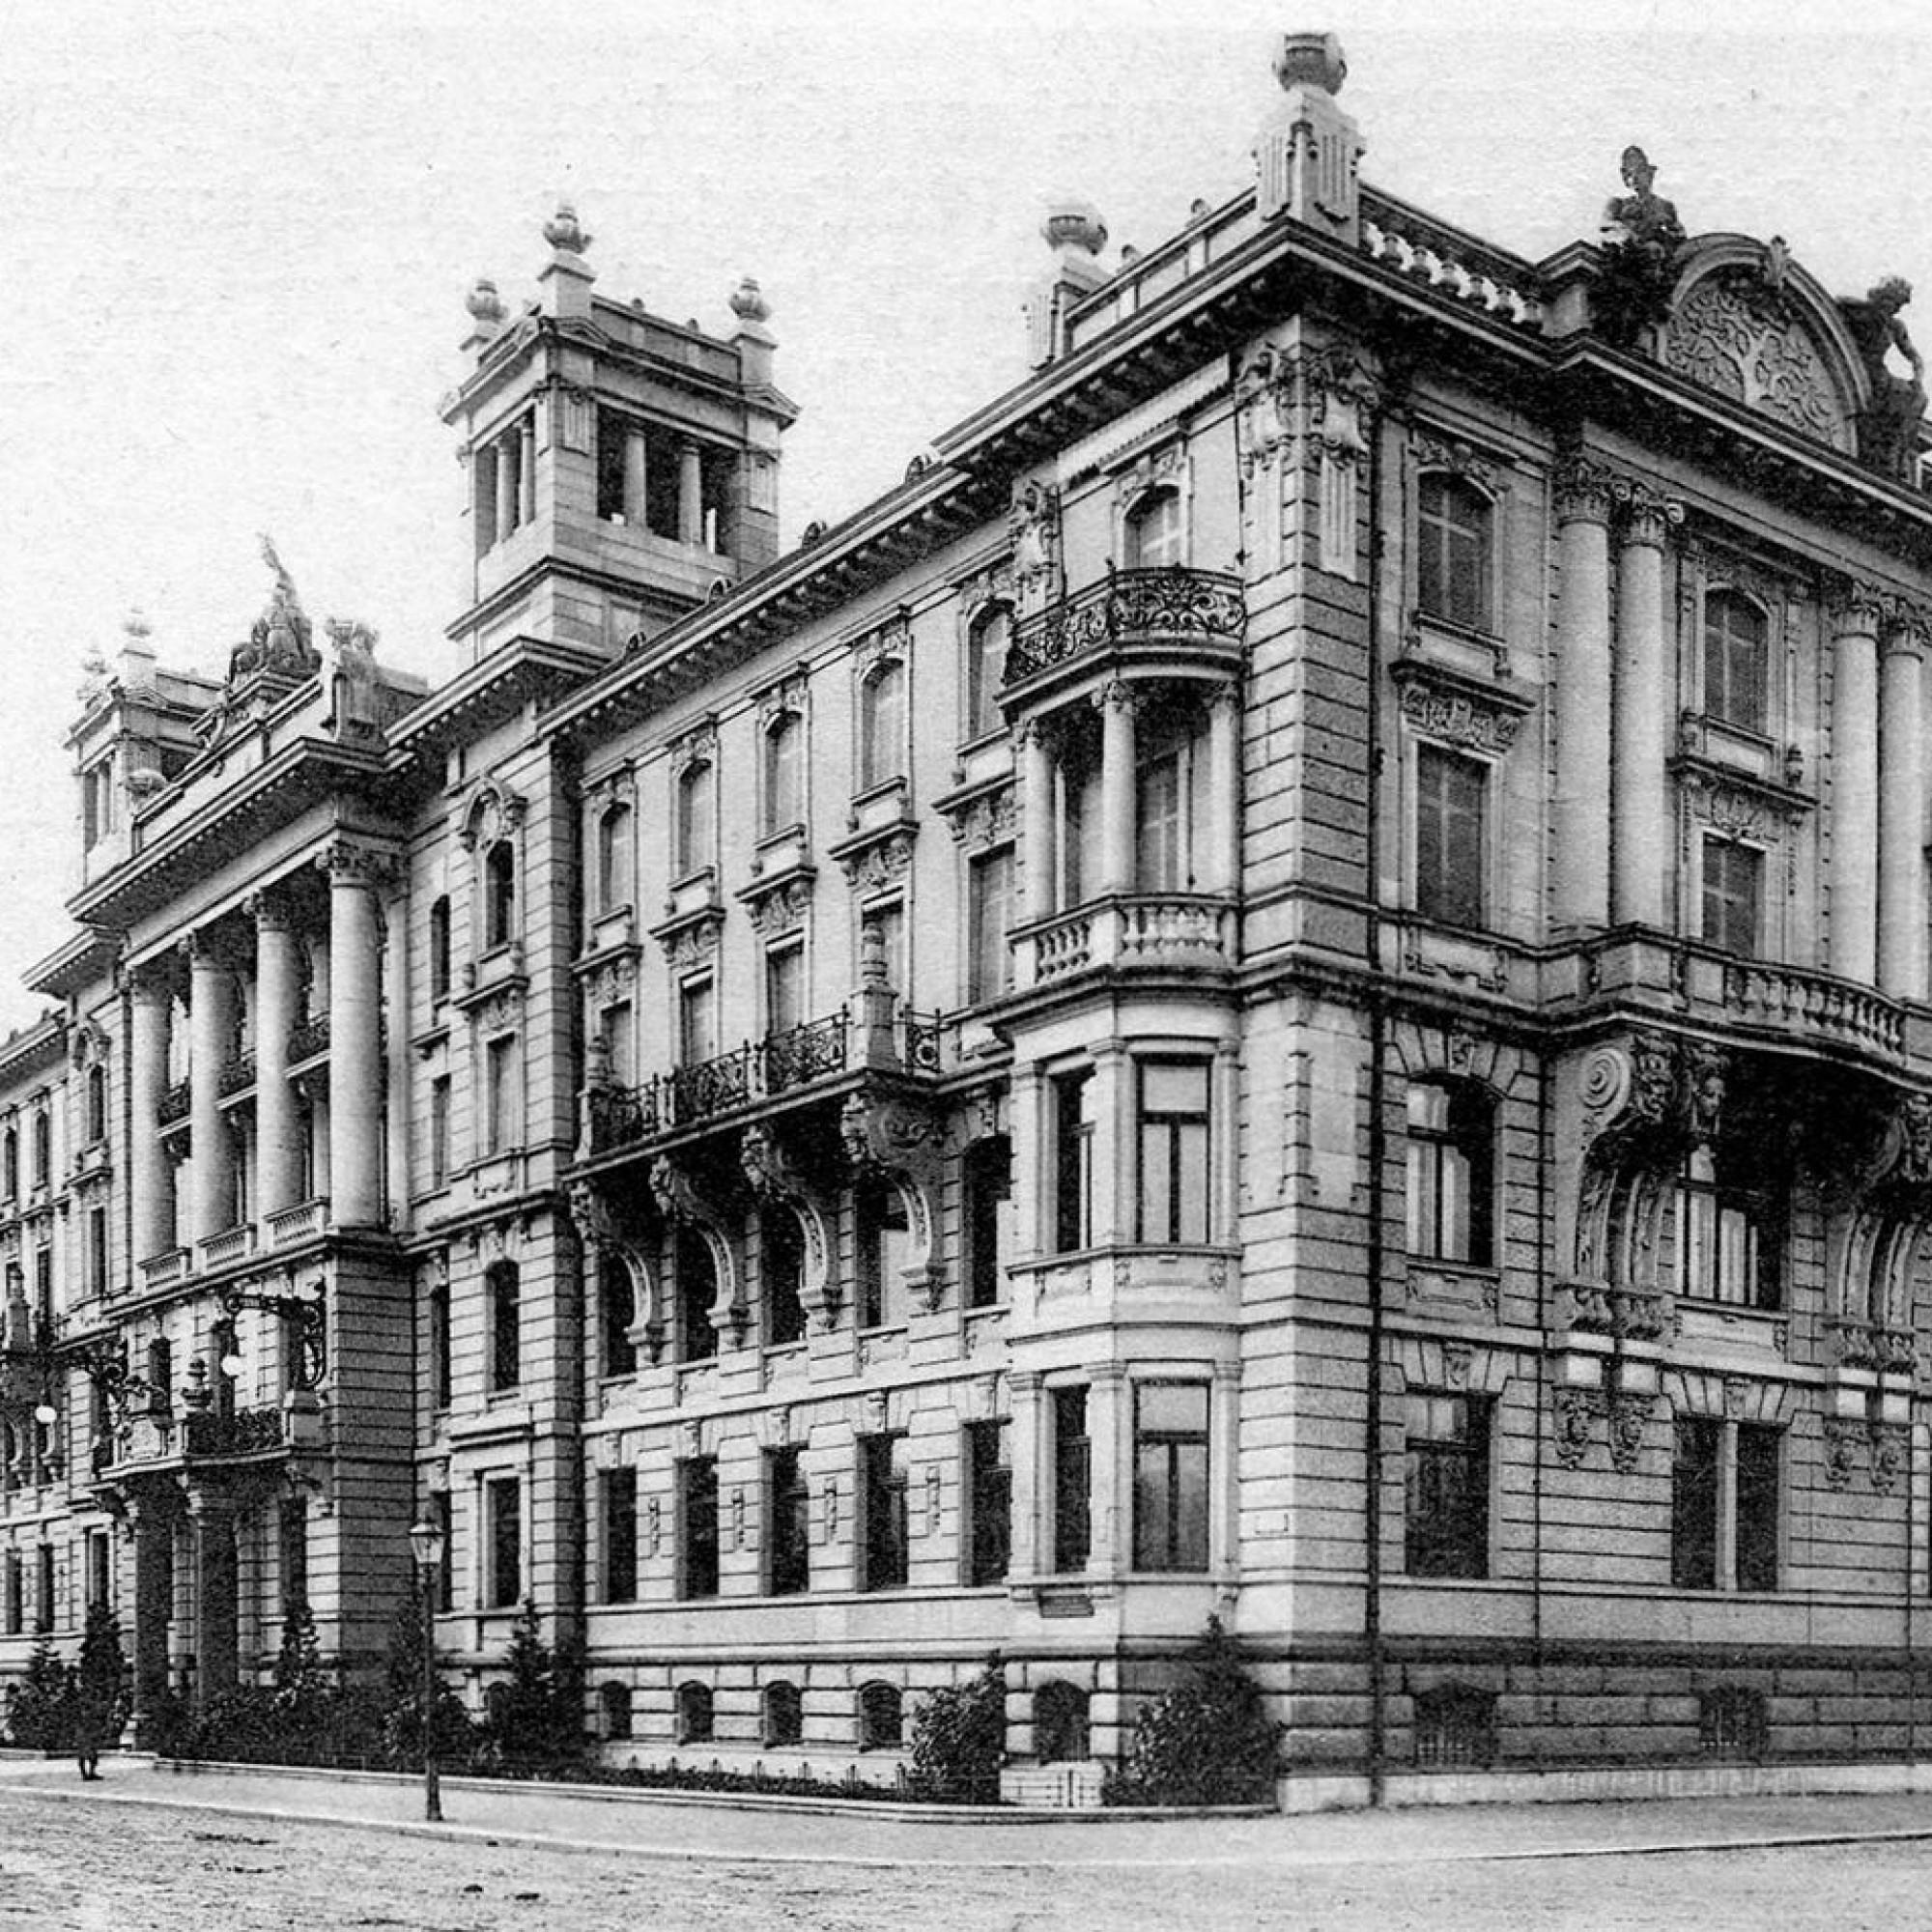 Historische Pracht: Der klassizistische Hauptsitz der Zürich Versicherung, hier eine Aufnahme aus dem Jahr 1905, wurde 1901 vollendet und befindet sich direkt gegenüber dem Mythenquai am Zürichsee.